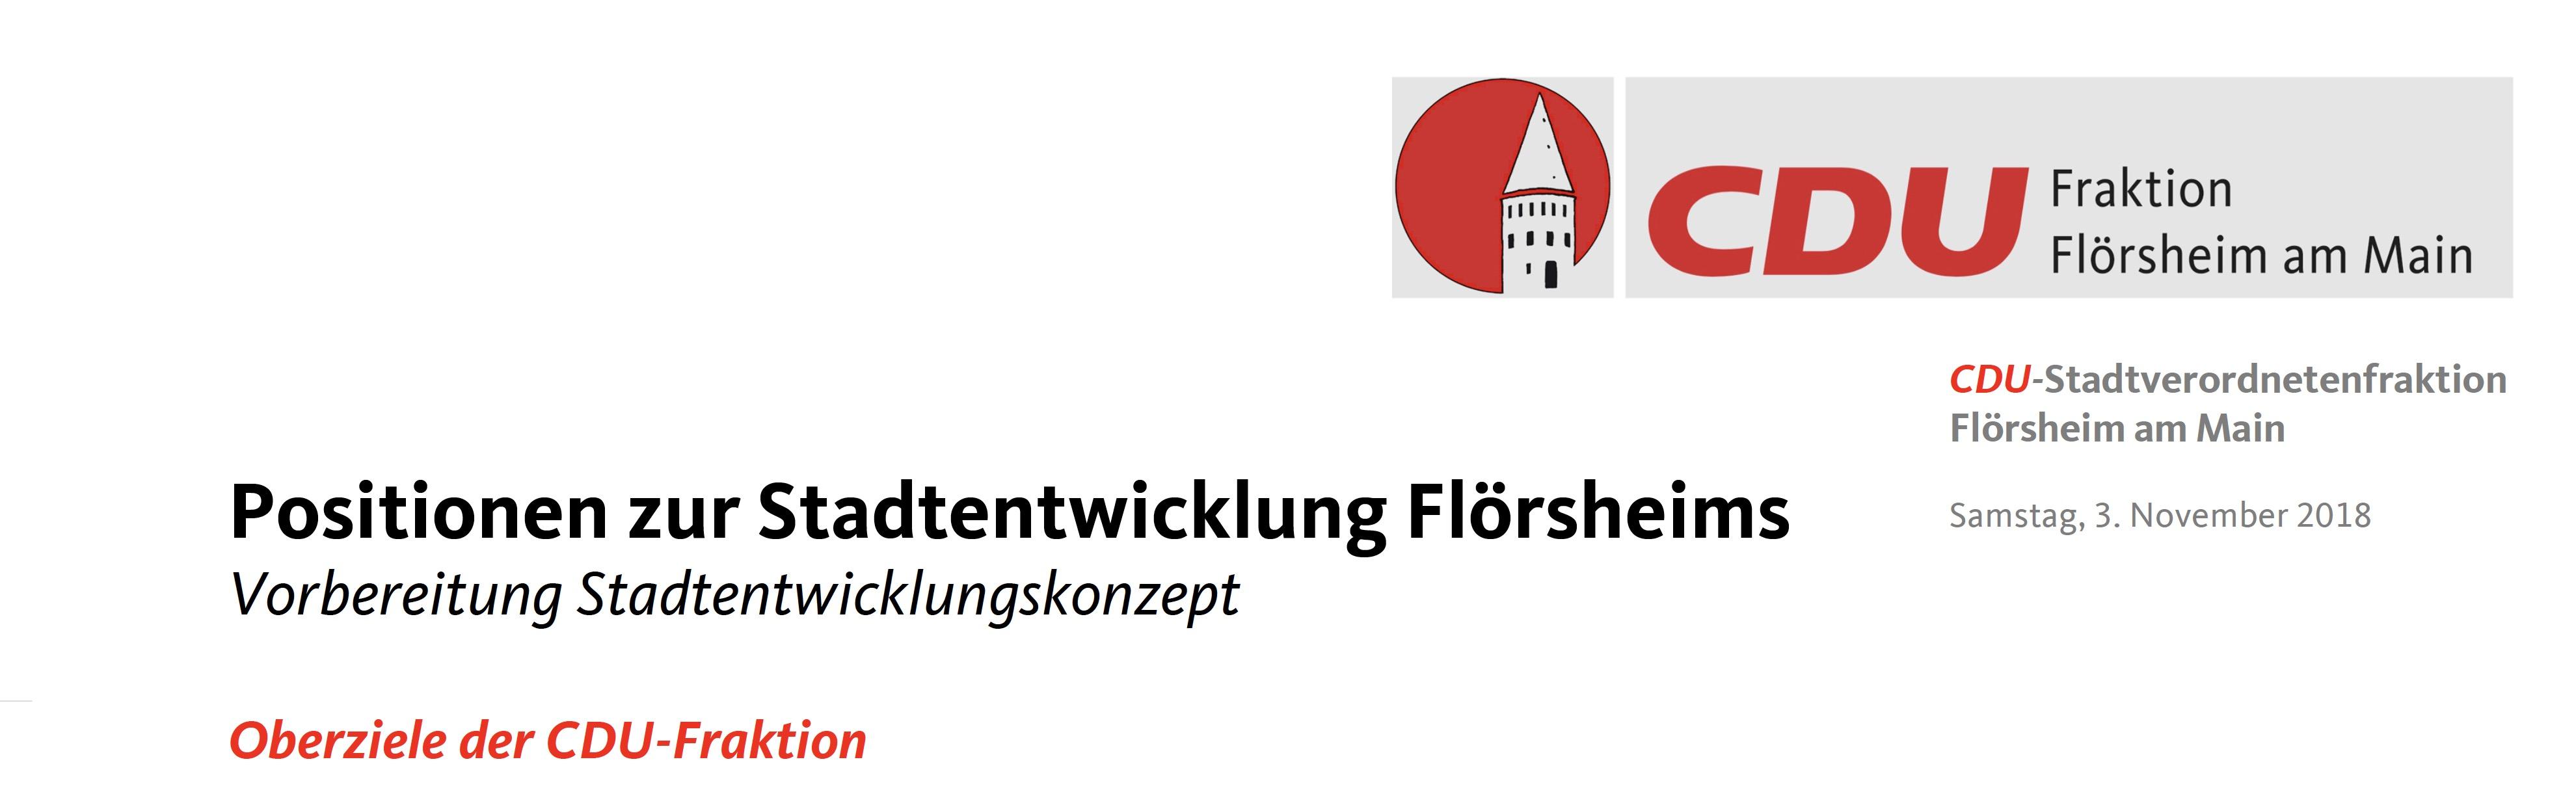 Konkretisierung der Stadtentwicklung Flörsheims bis 2050